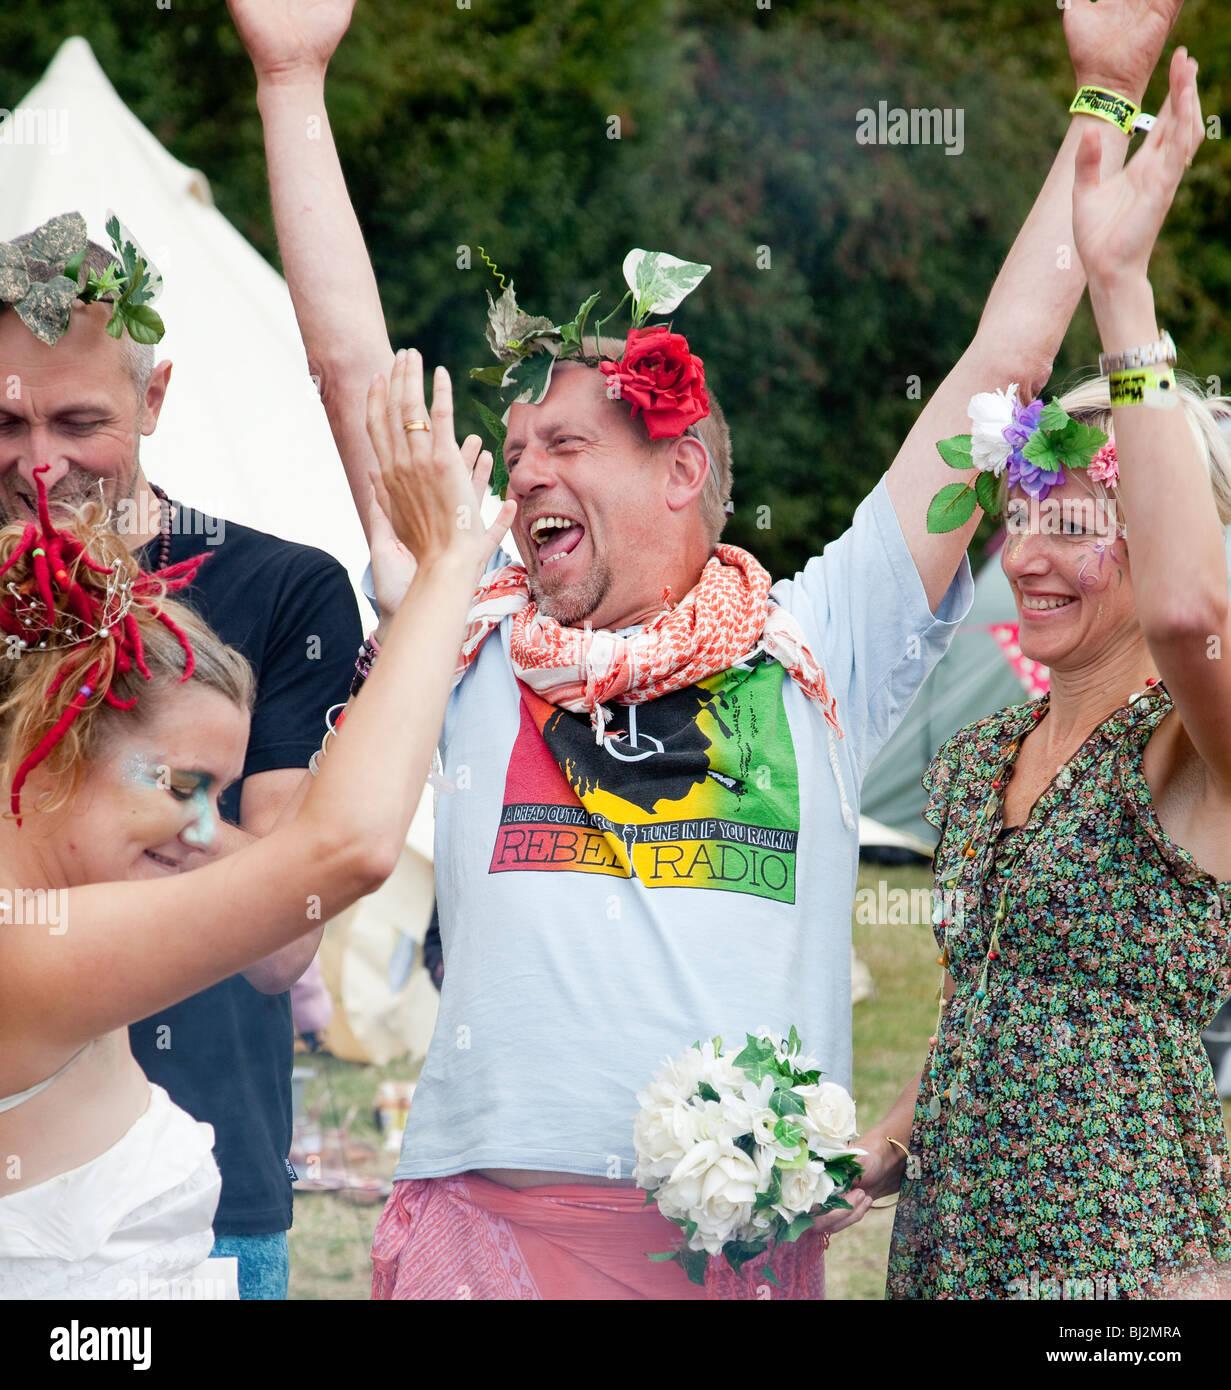 Menschen feiern auf dem Höhepunkt einer alternative Hochzeit am Festinho, Sommer 2009 Stockbild